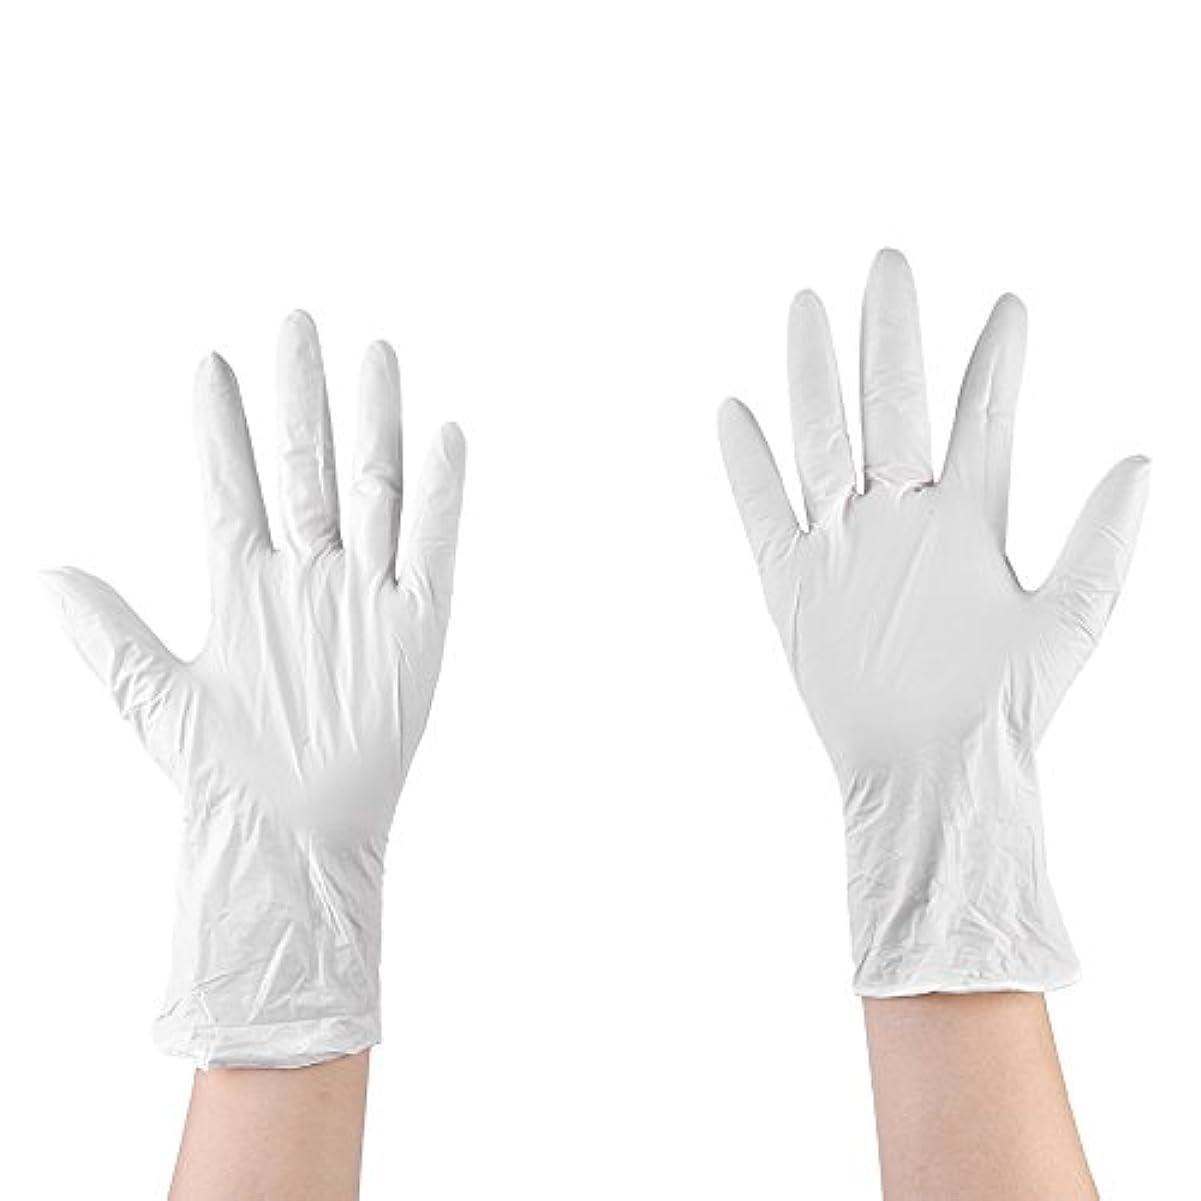 キネマティクス宇宙の先行する使い捨て手袋 ニトリルグローブ ホワイト 粉なし タトゥー/歯科/病院/研究室に適応 M/L選択可 50枚 左右兼用 作業手袋(M)